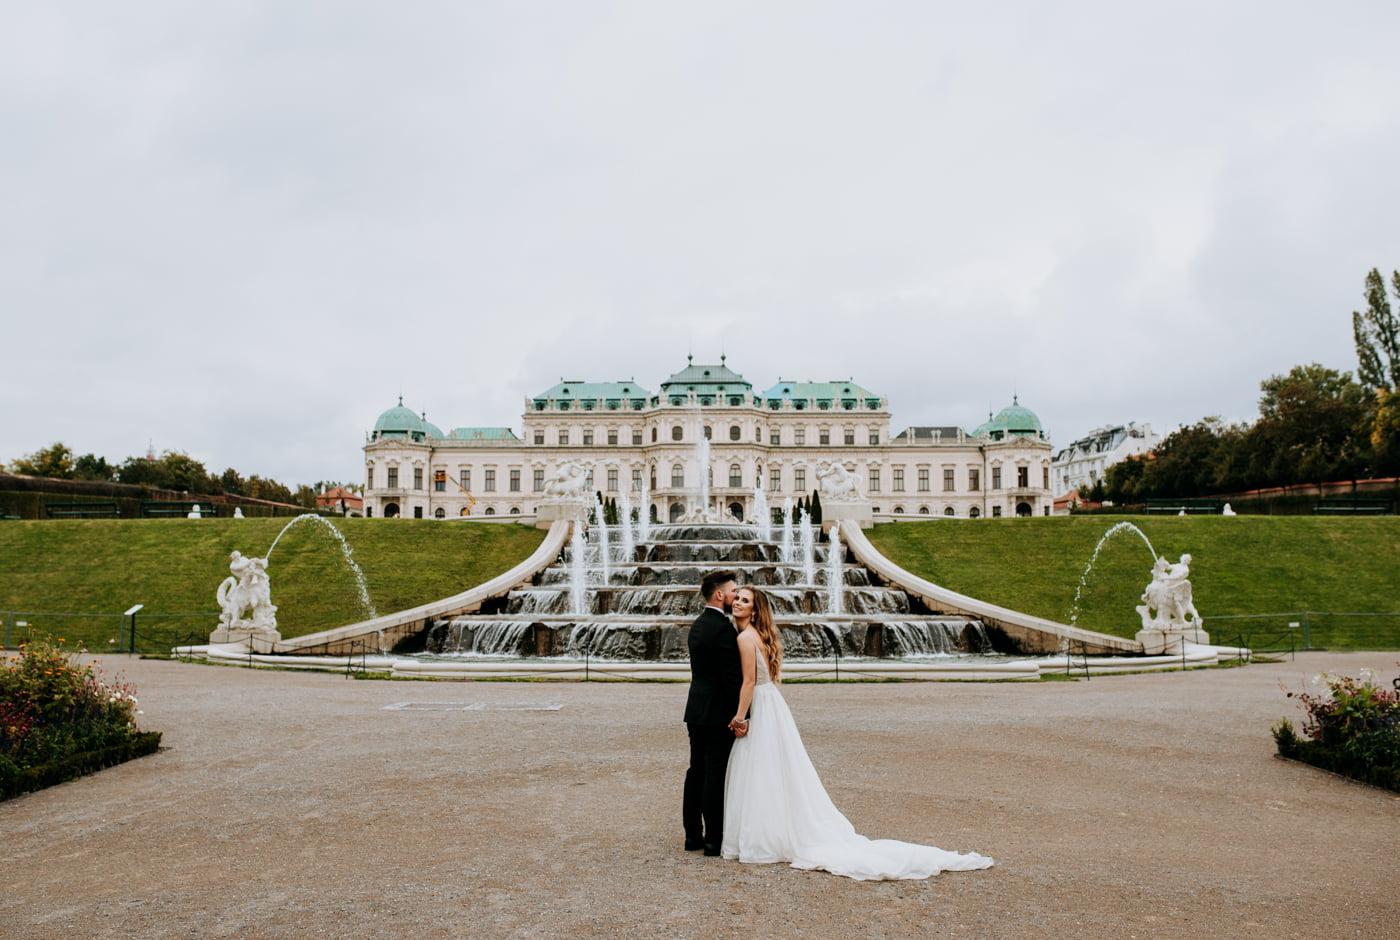 Sesja Ślubna w Wiedniu - Ania i Tomek 21